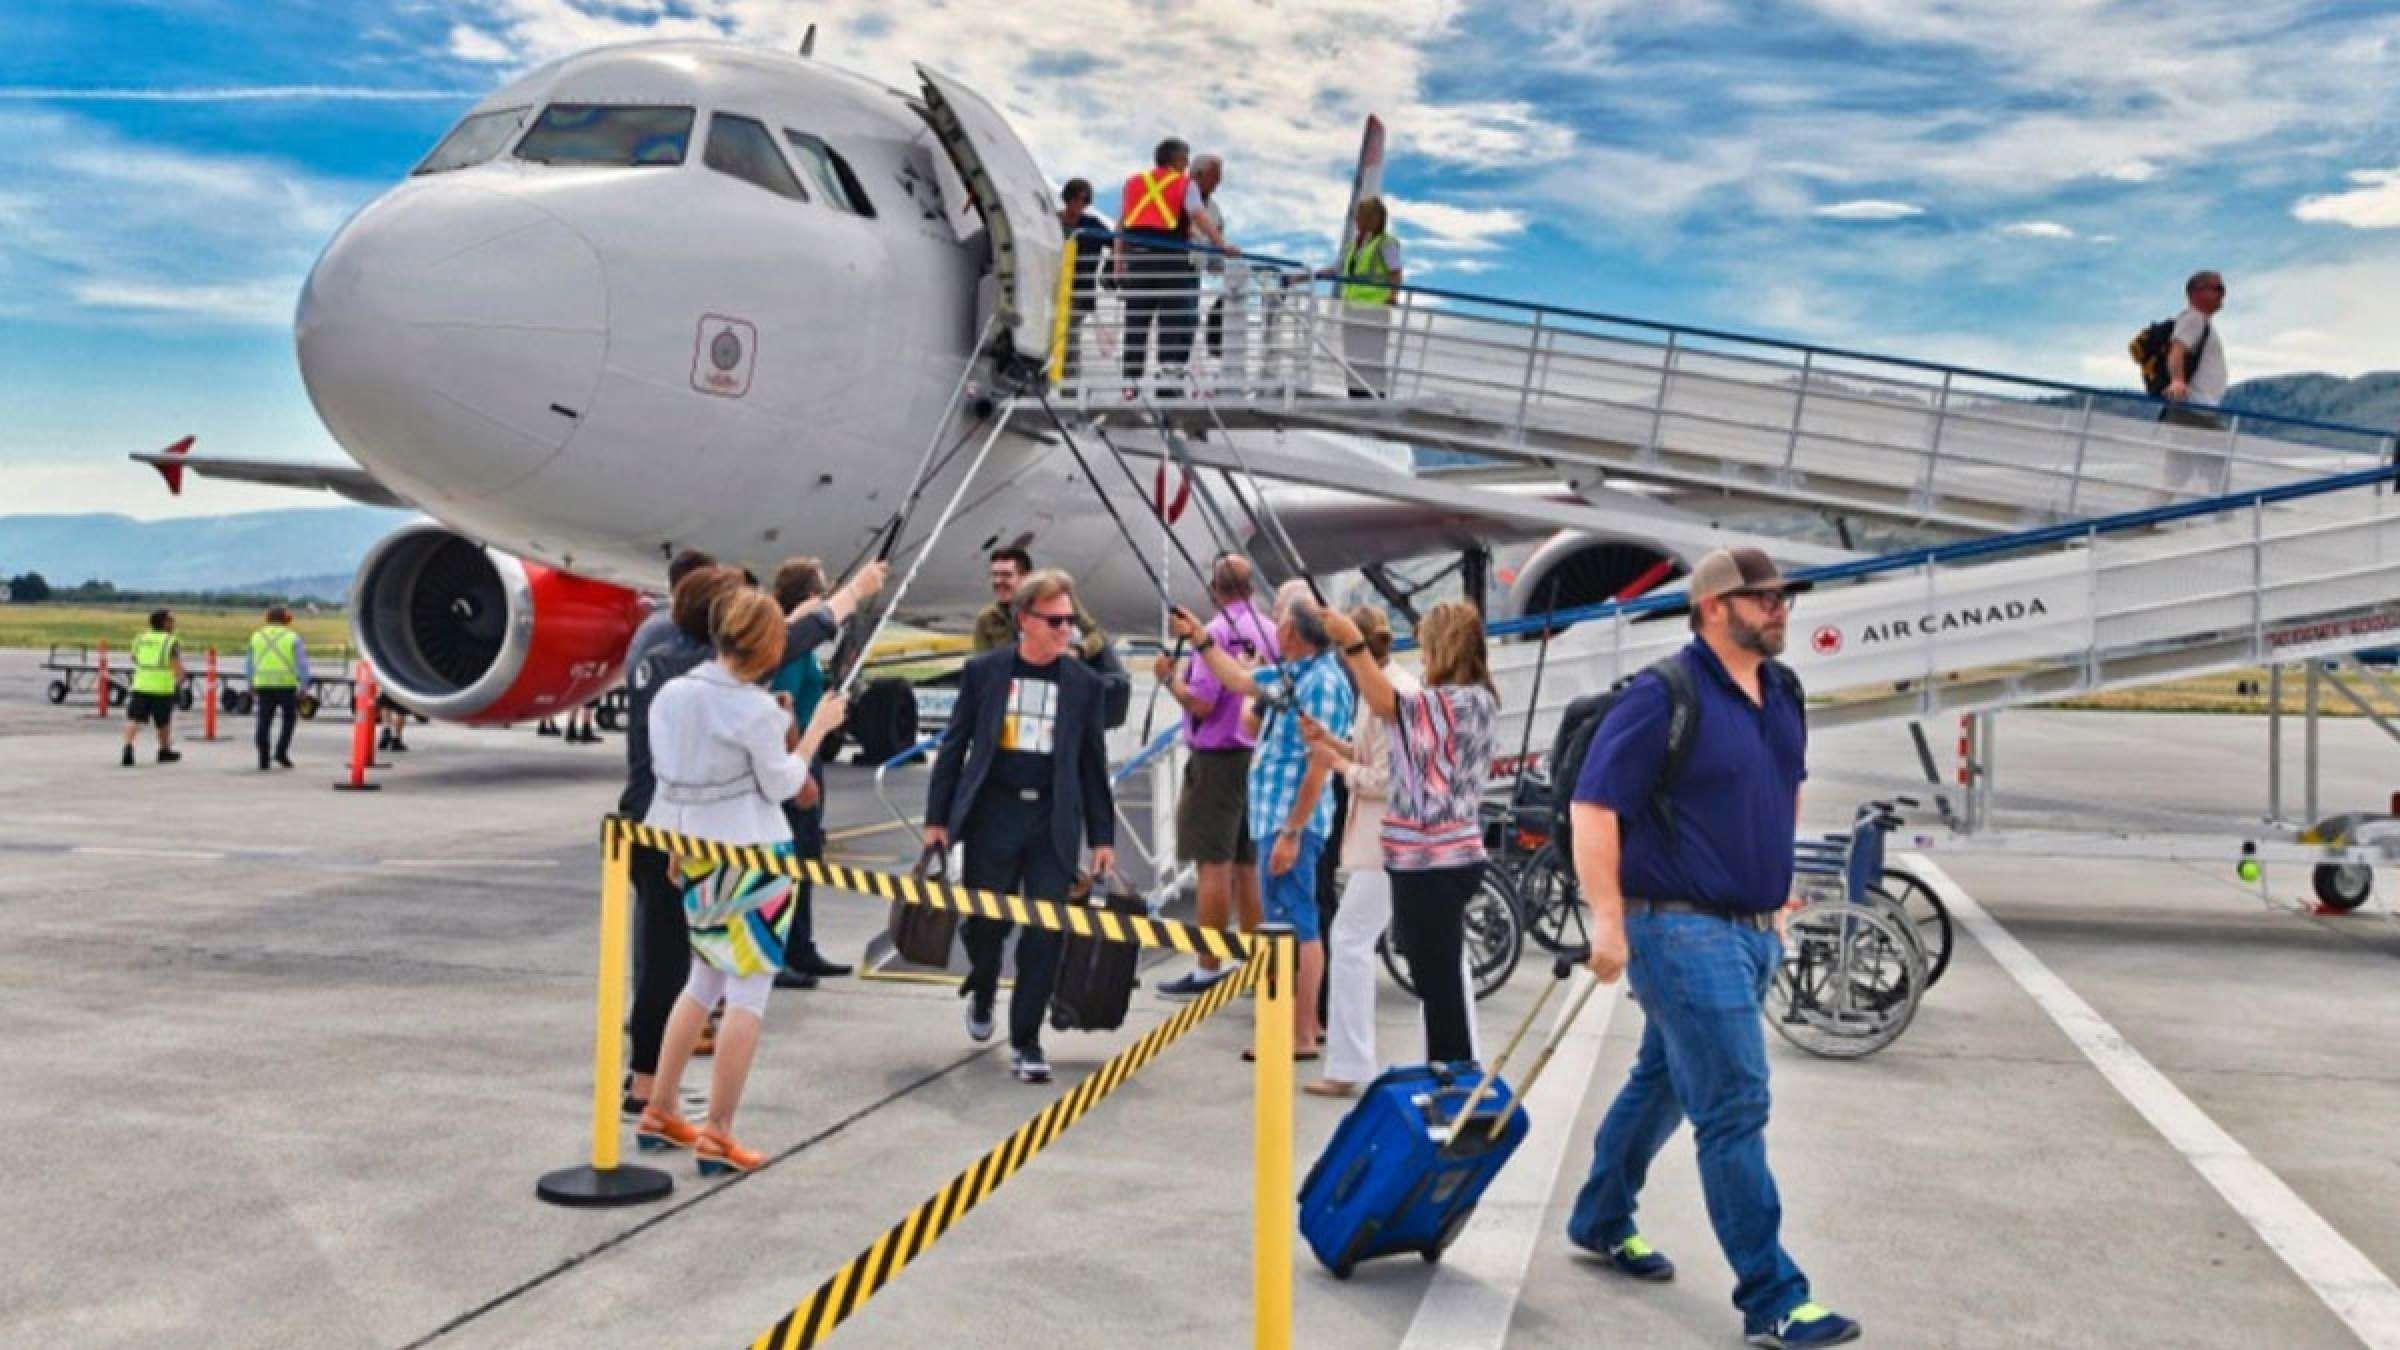 اخبار-کانادا-قرنطینه-اجباری-مسافران-در-هتل-به-خرج-خودشان-لغو-پروازهای-شرکت-های-هواپیمایی